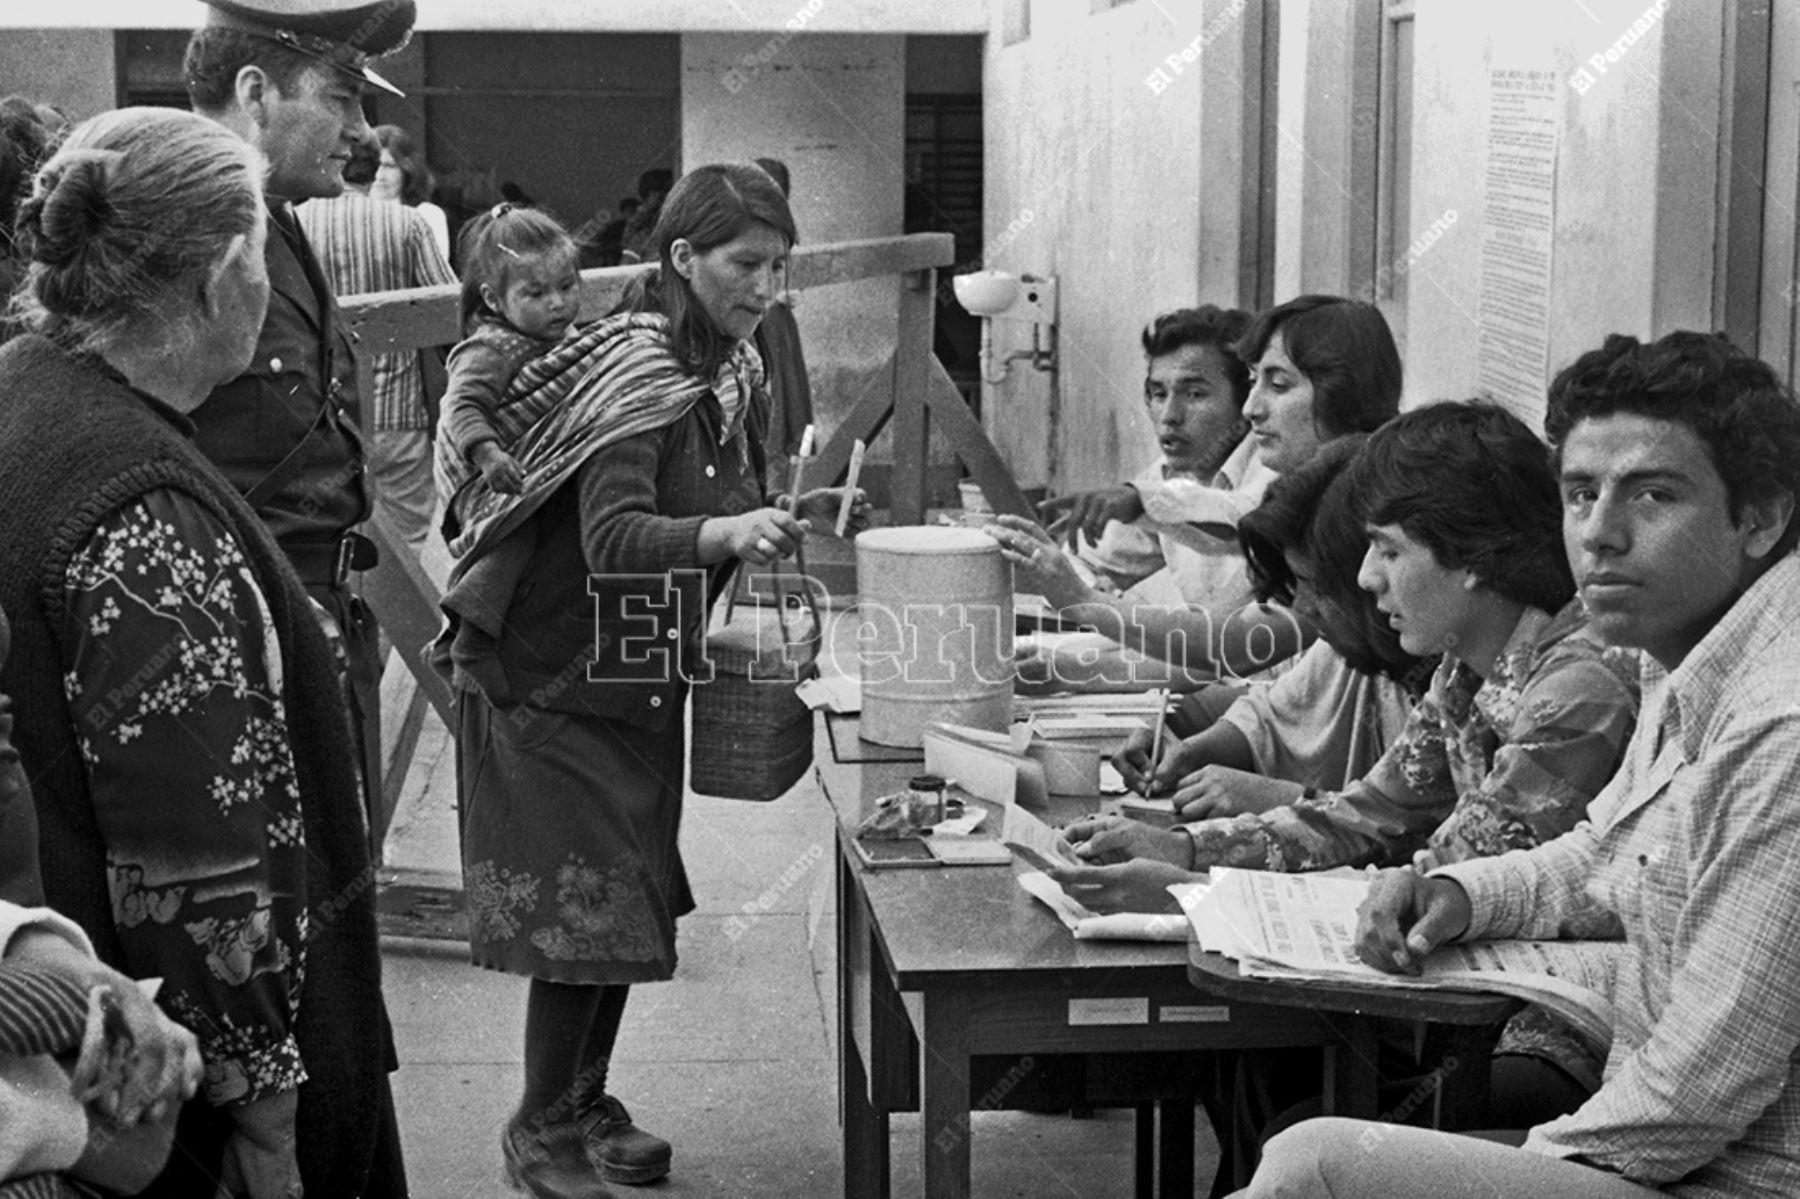 Lima - 23 noviembre 1980 / Una mujer emite su voto. Mas de 1 millón 662 mil limeños participaron en las elecciones municipales para elegir al nuevo alcalde lima tras doce años de gobierno militar. Foto: Archivo Histórico de El Peruano / Rómulo Luján